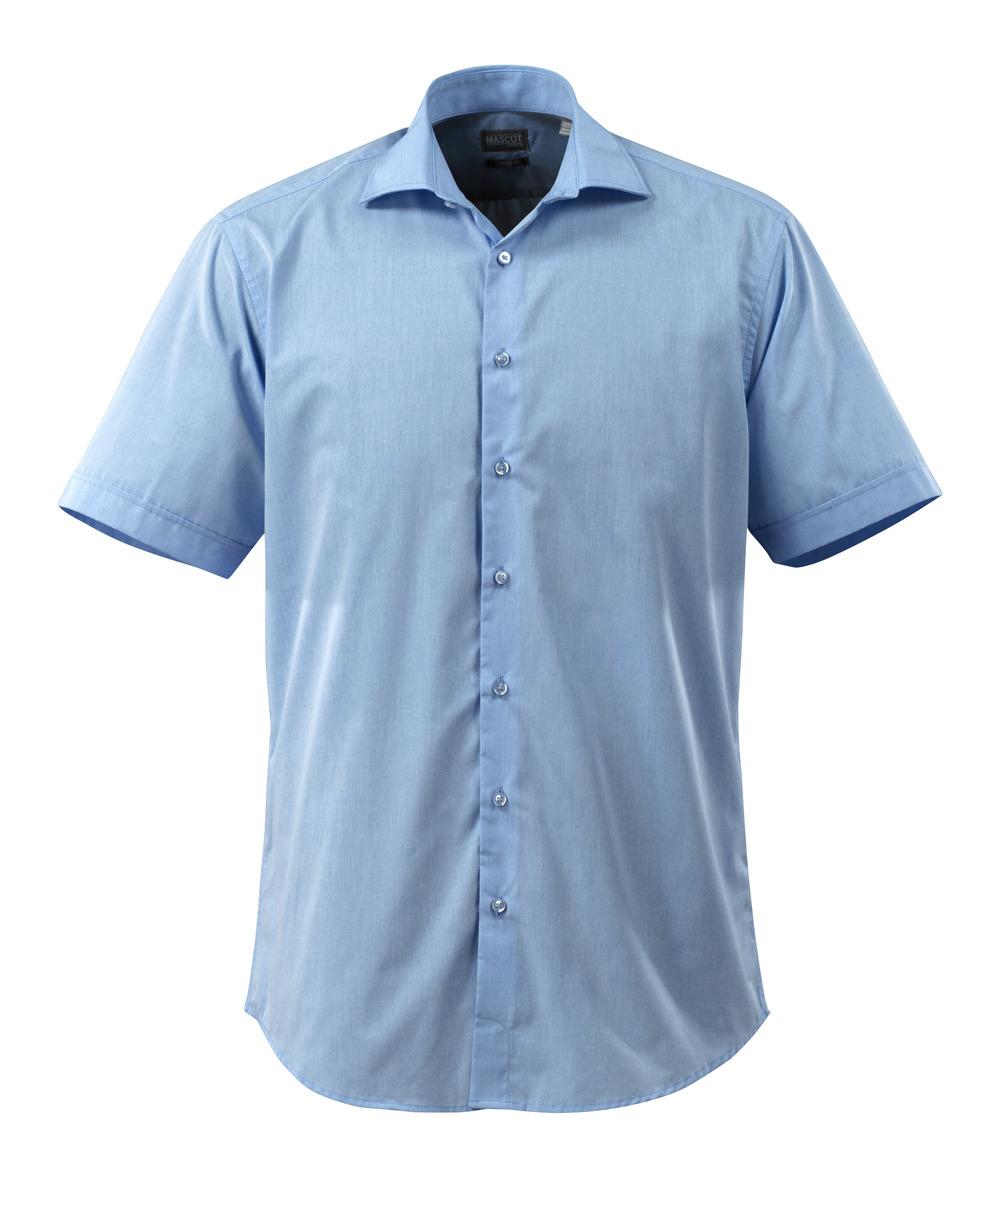 50632-984-71 Camicia, a maniche corte - blu chiaro